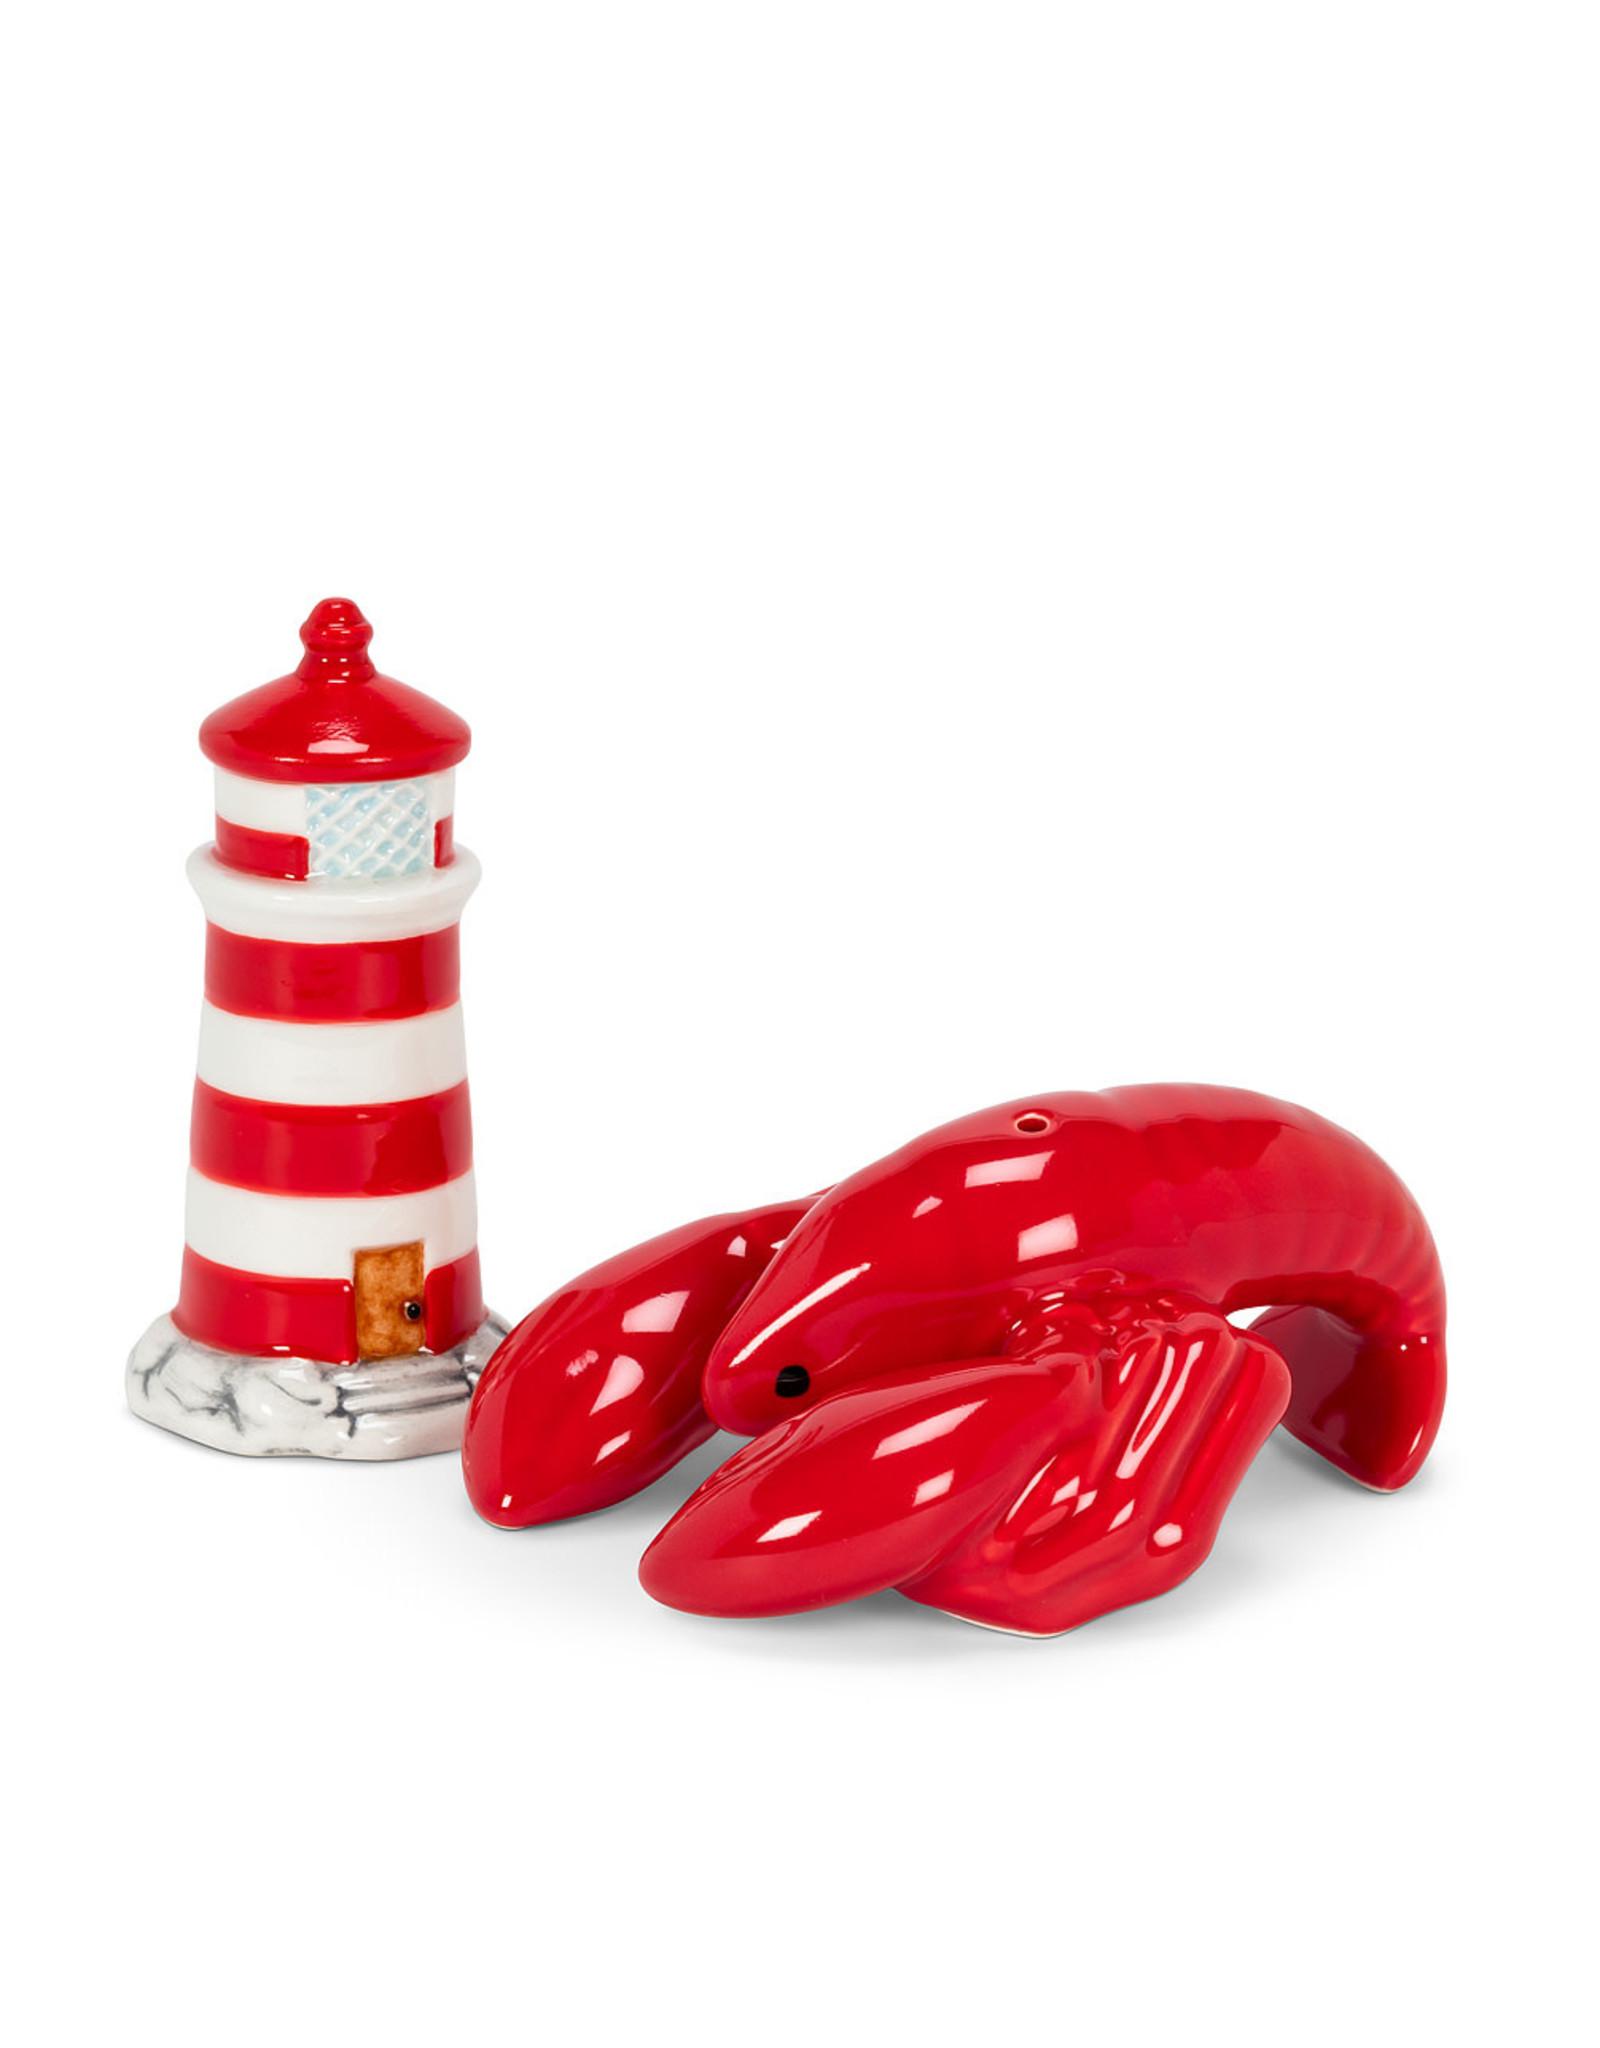 ATT - Lighthouse & Lobster Salt & Pepper Shakers